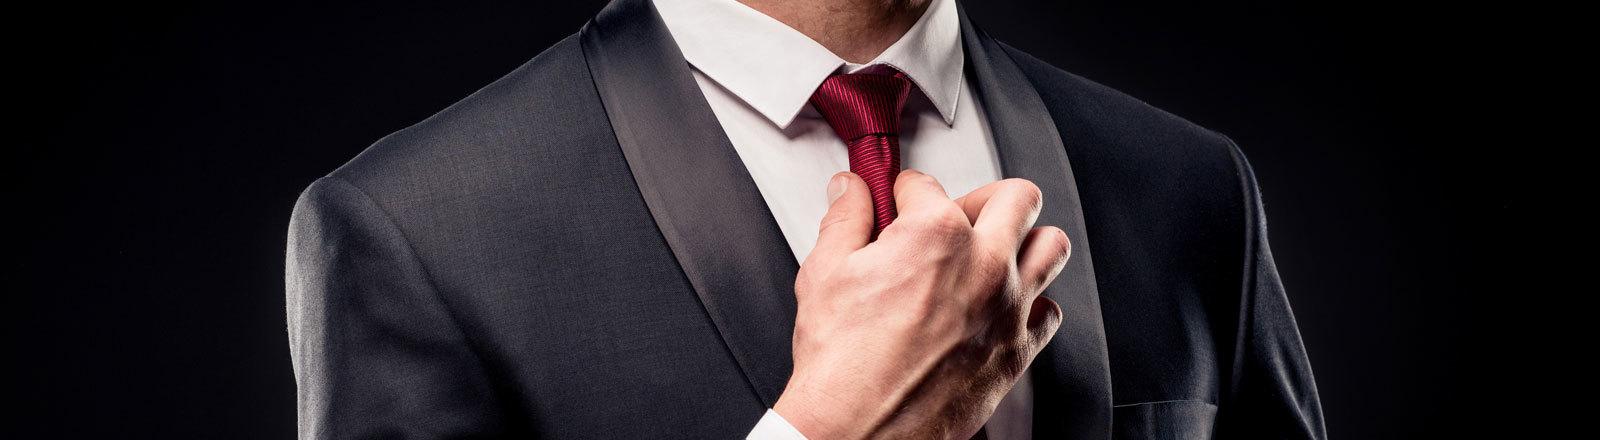 Ein Mann zieht seine Krawatte zurecht.